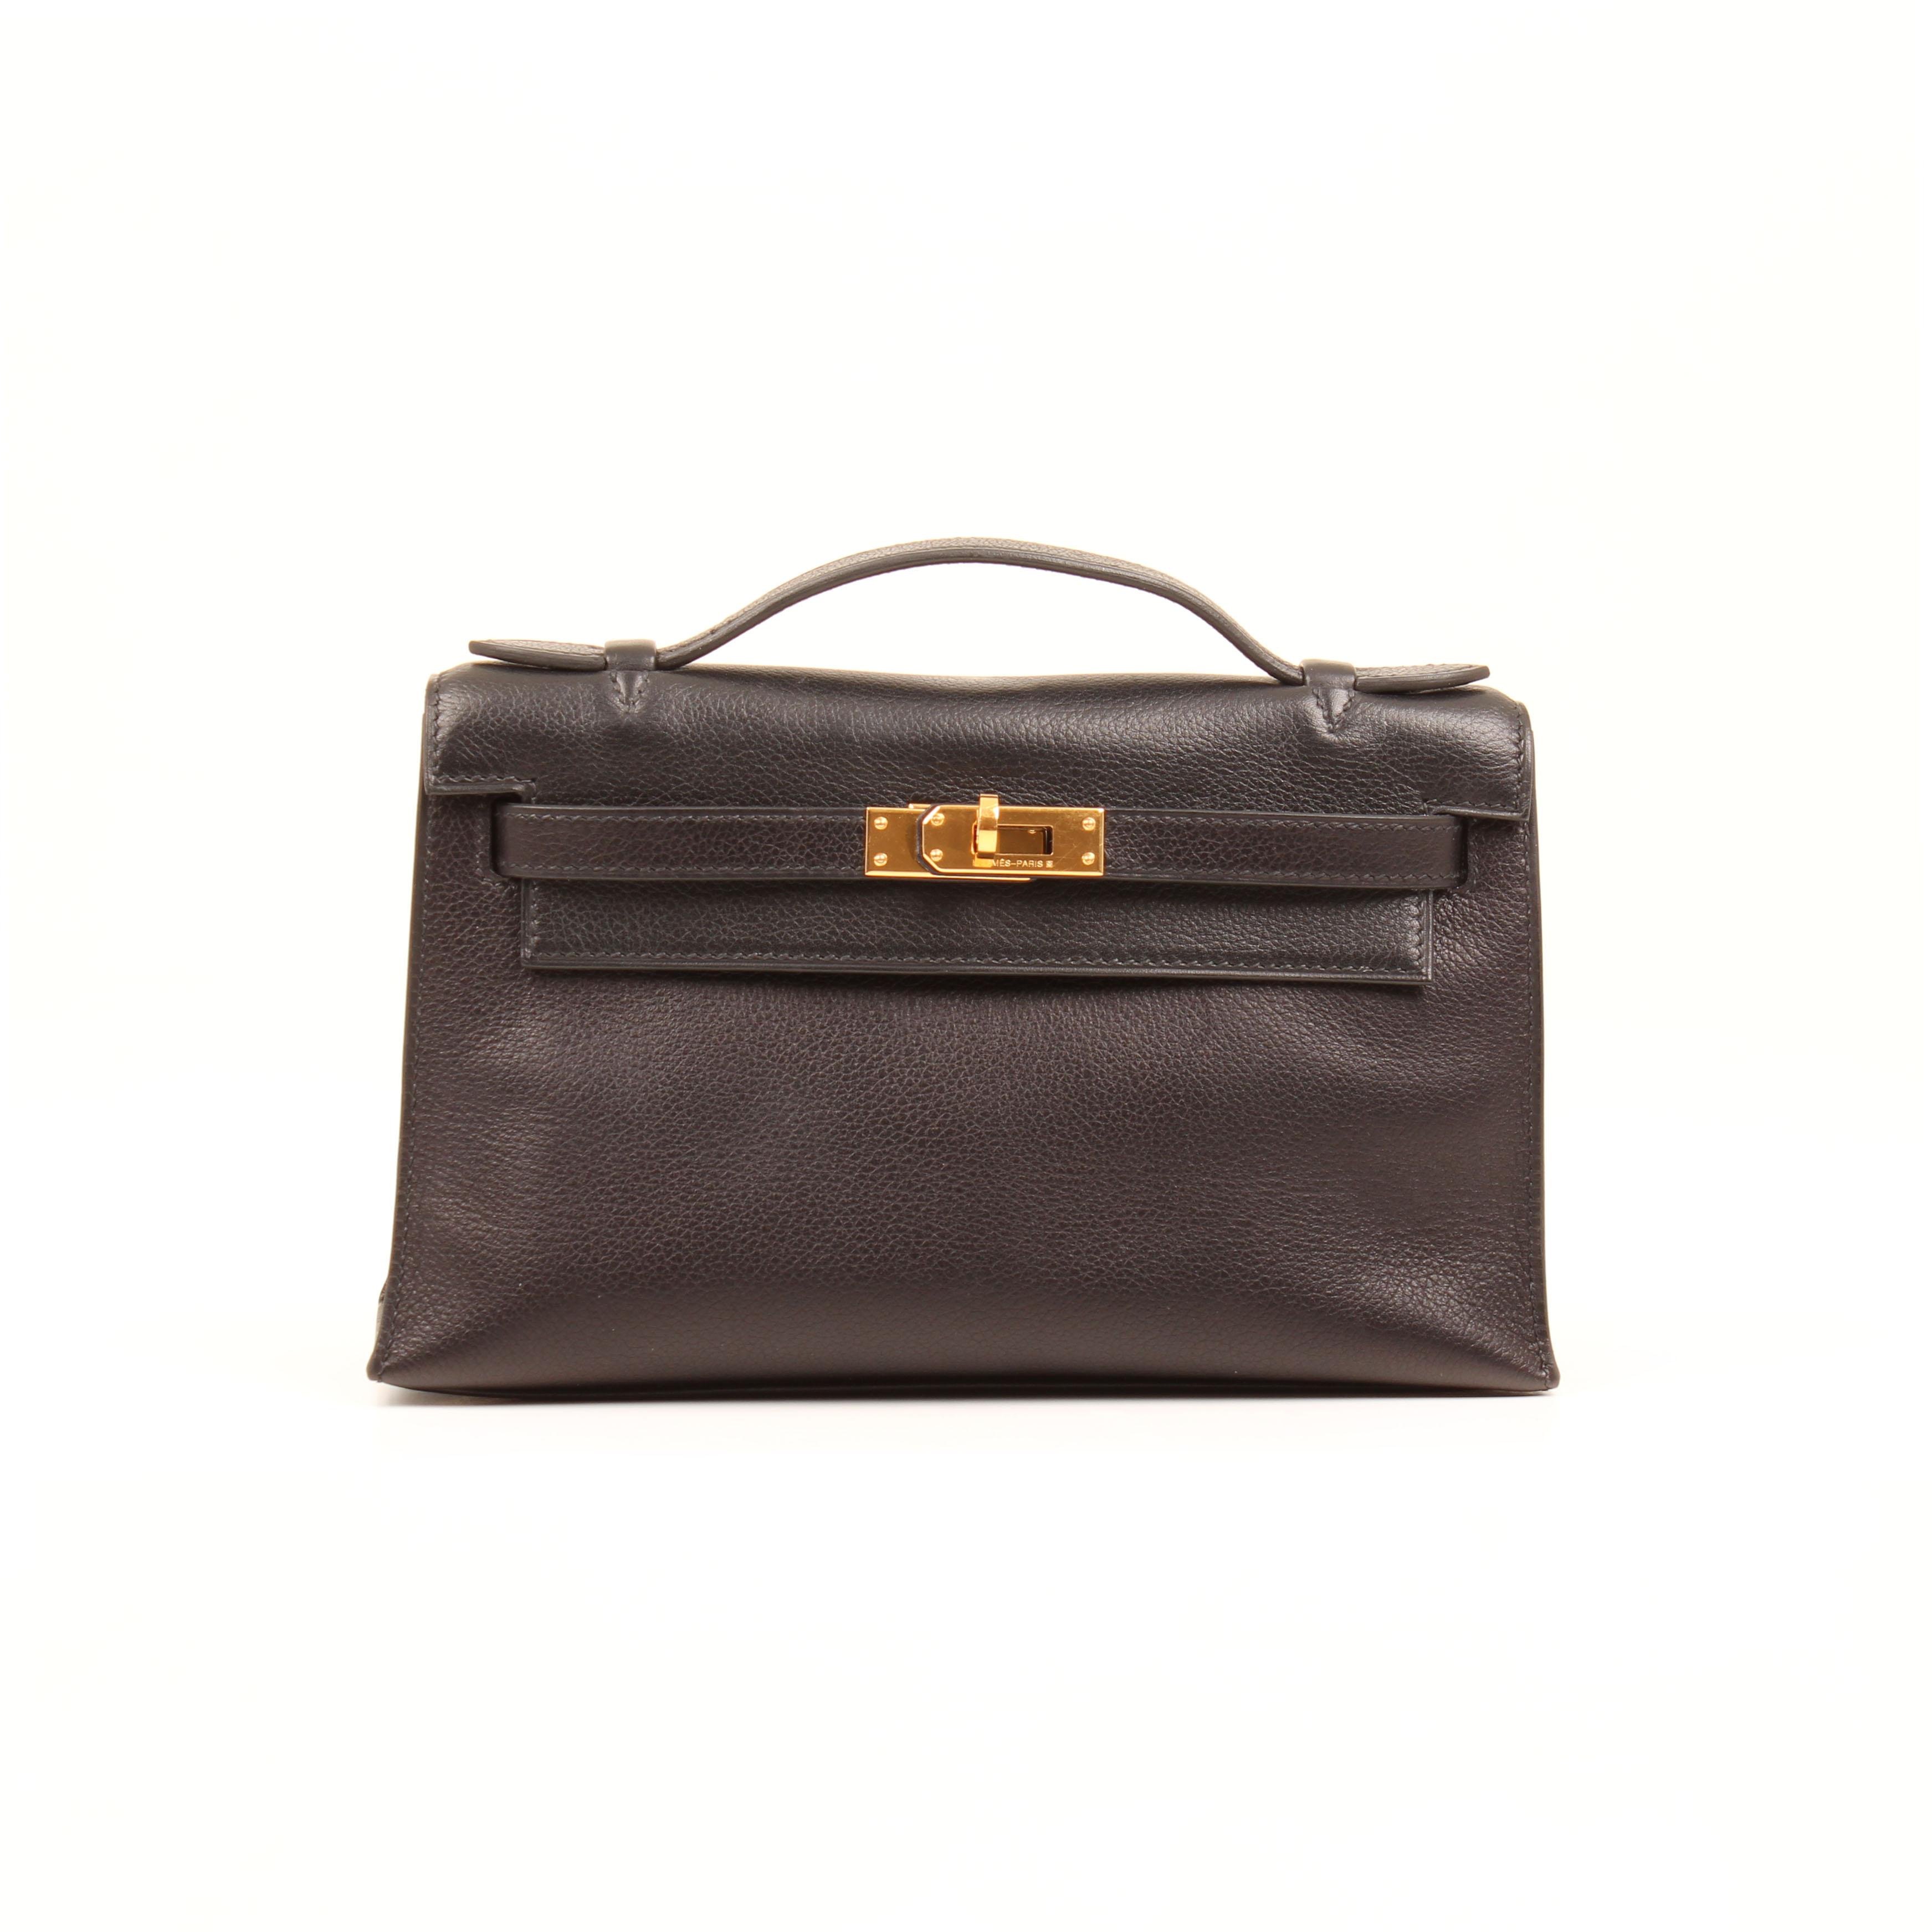 hermes kelly pochette bag black evergrain leather front